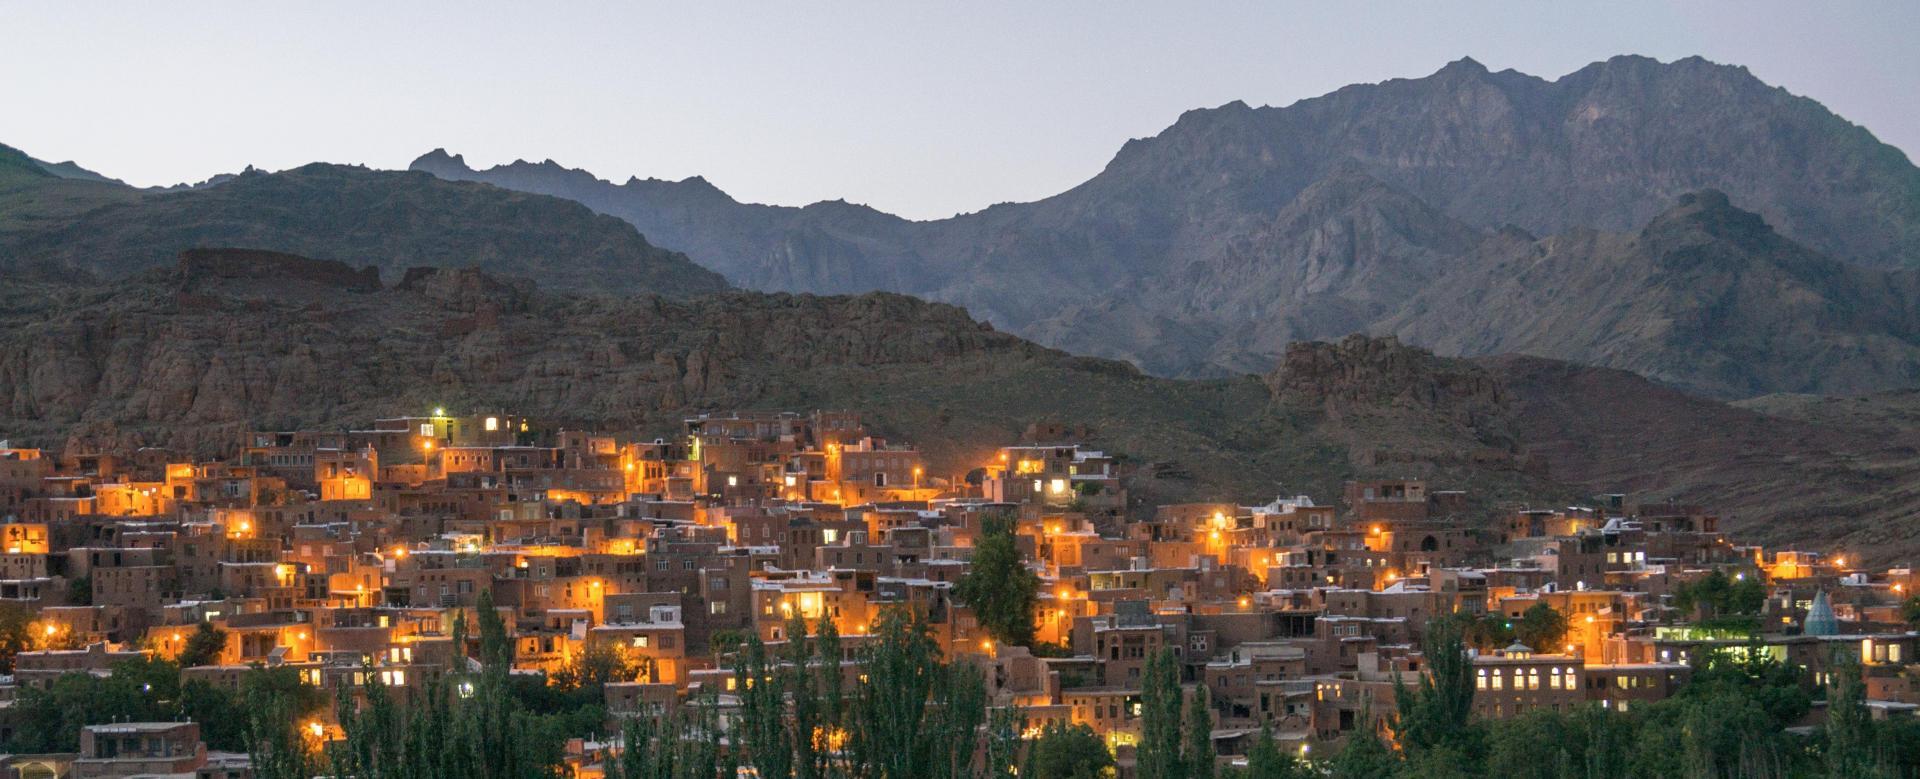 Voyage à pied Iran : L'héritage perse de téhéran à shiraz